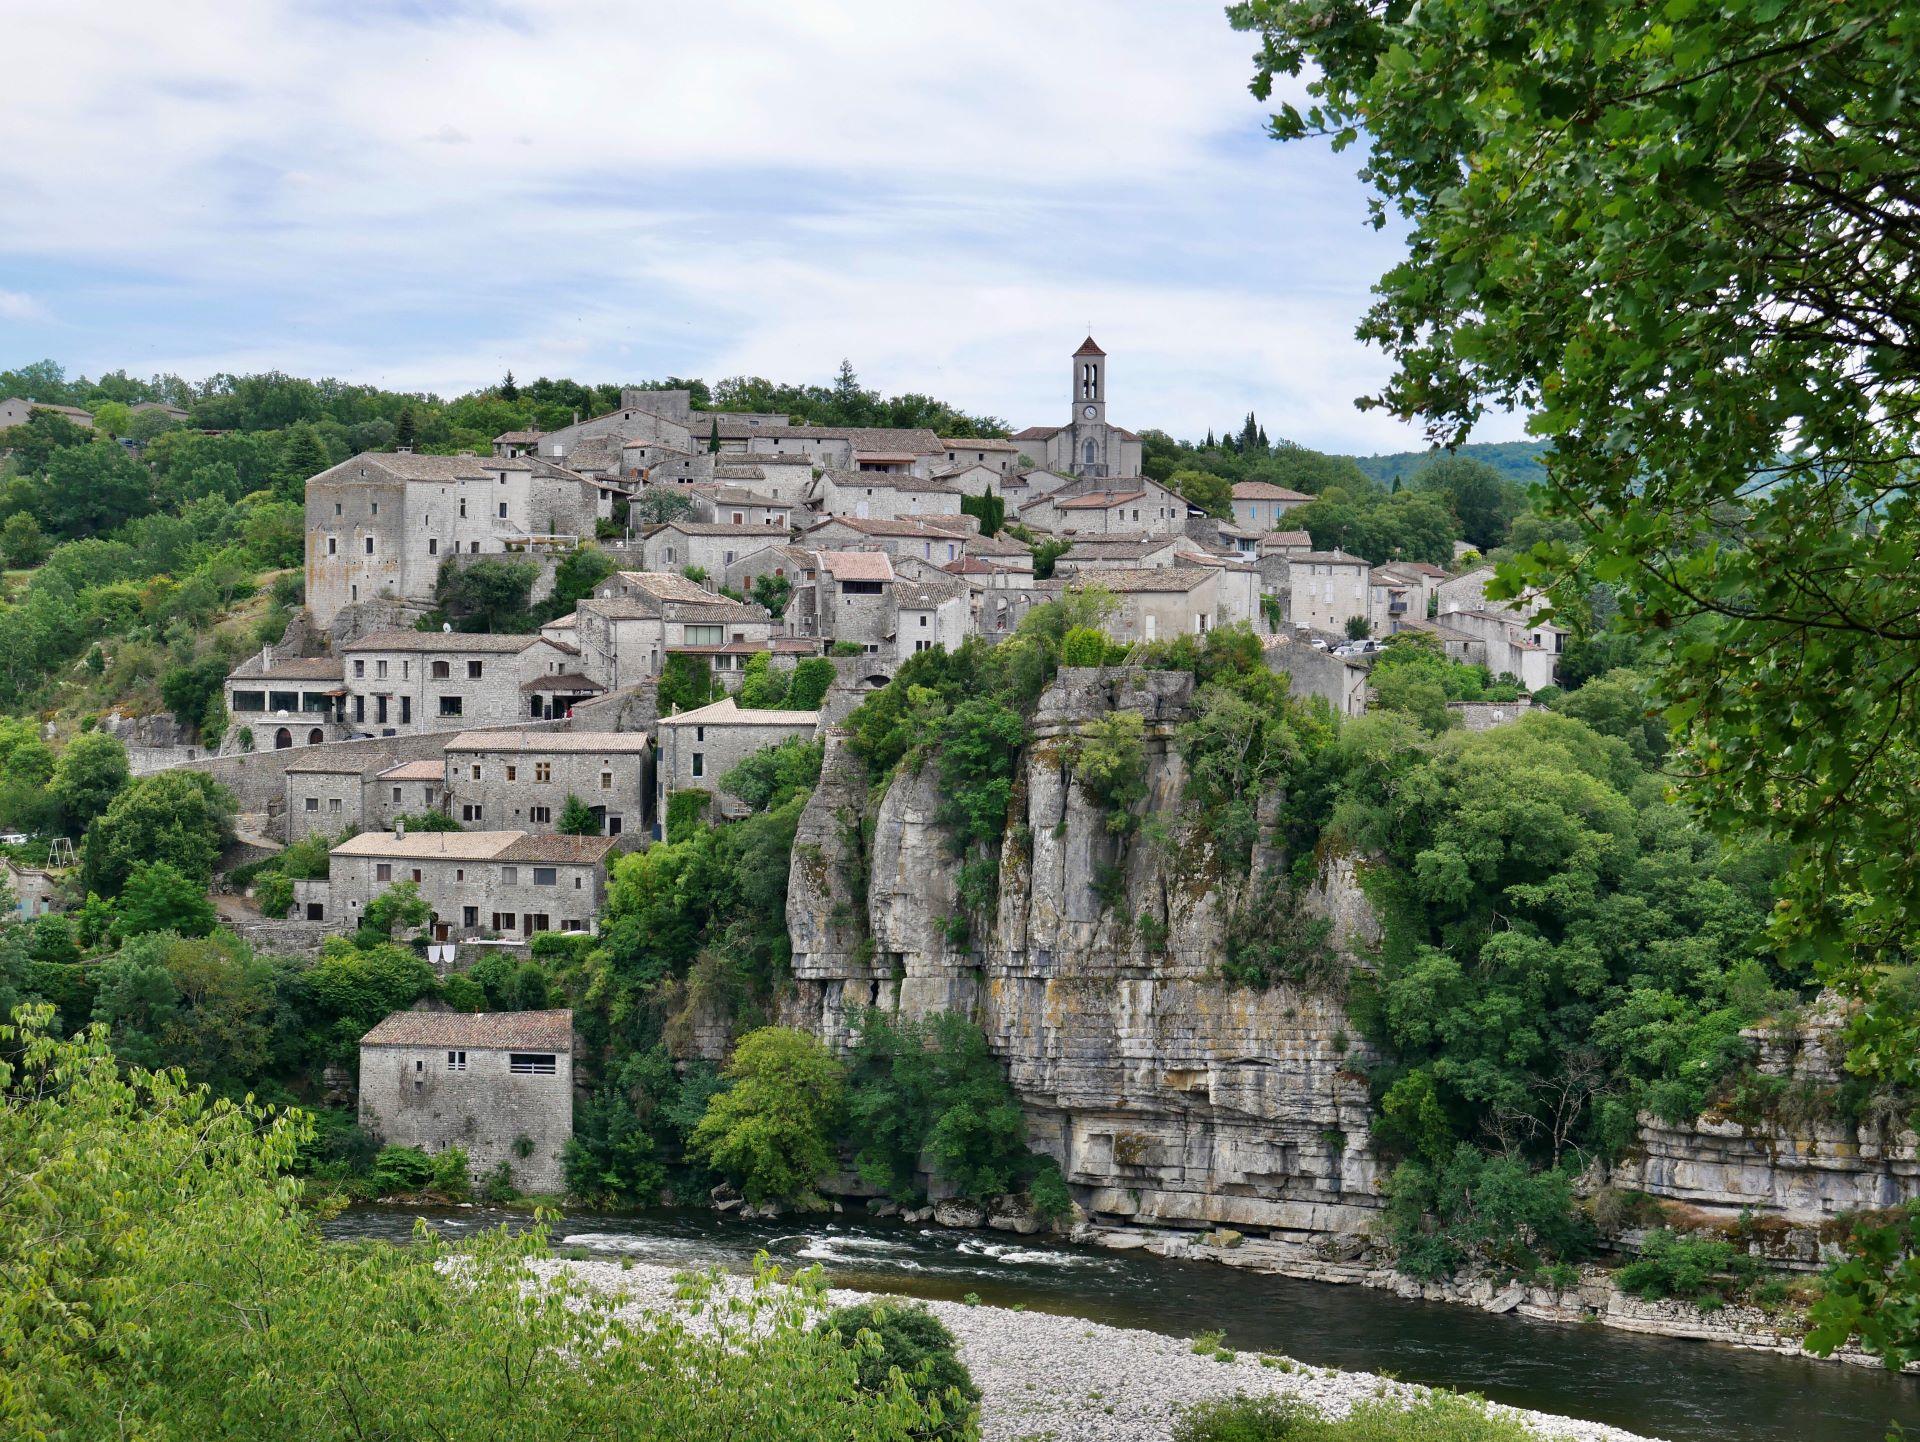 Vélo en Drôme-Ardèche : la Via Ardèche et le village de Balazuc